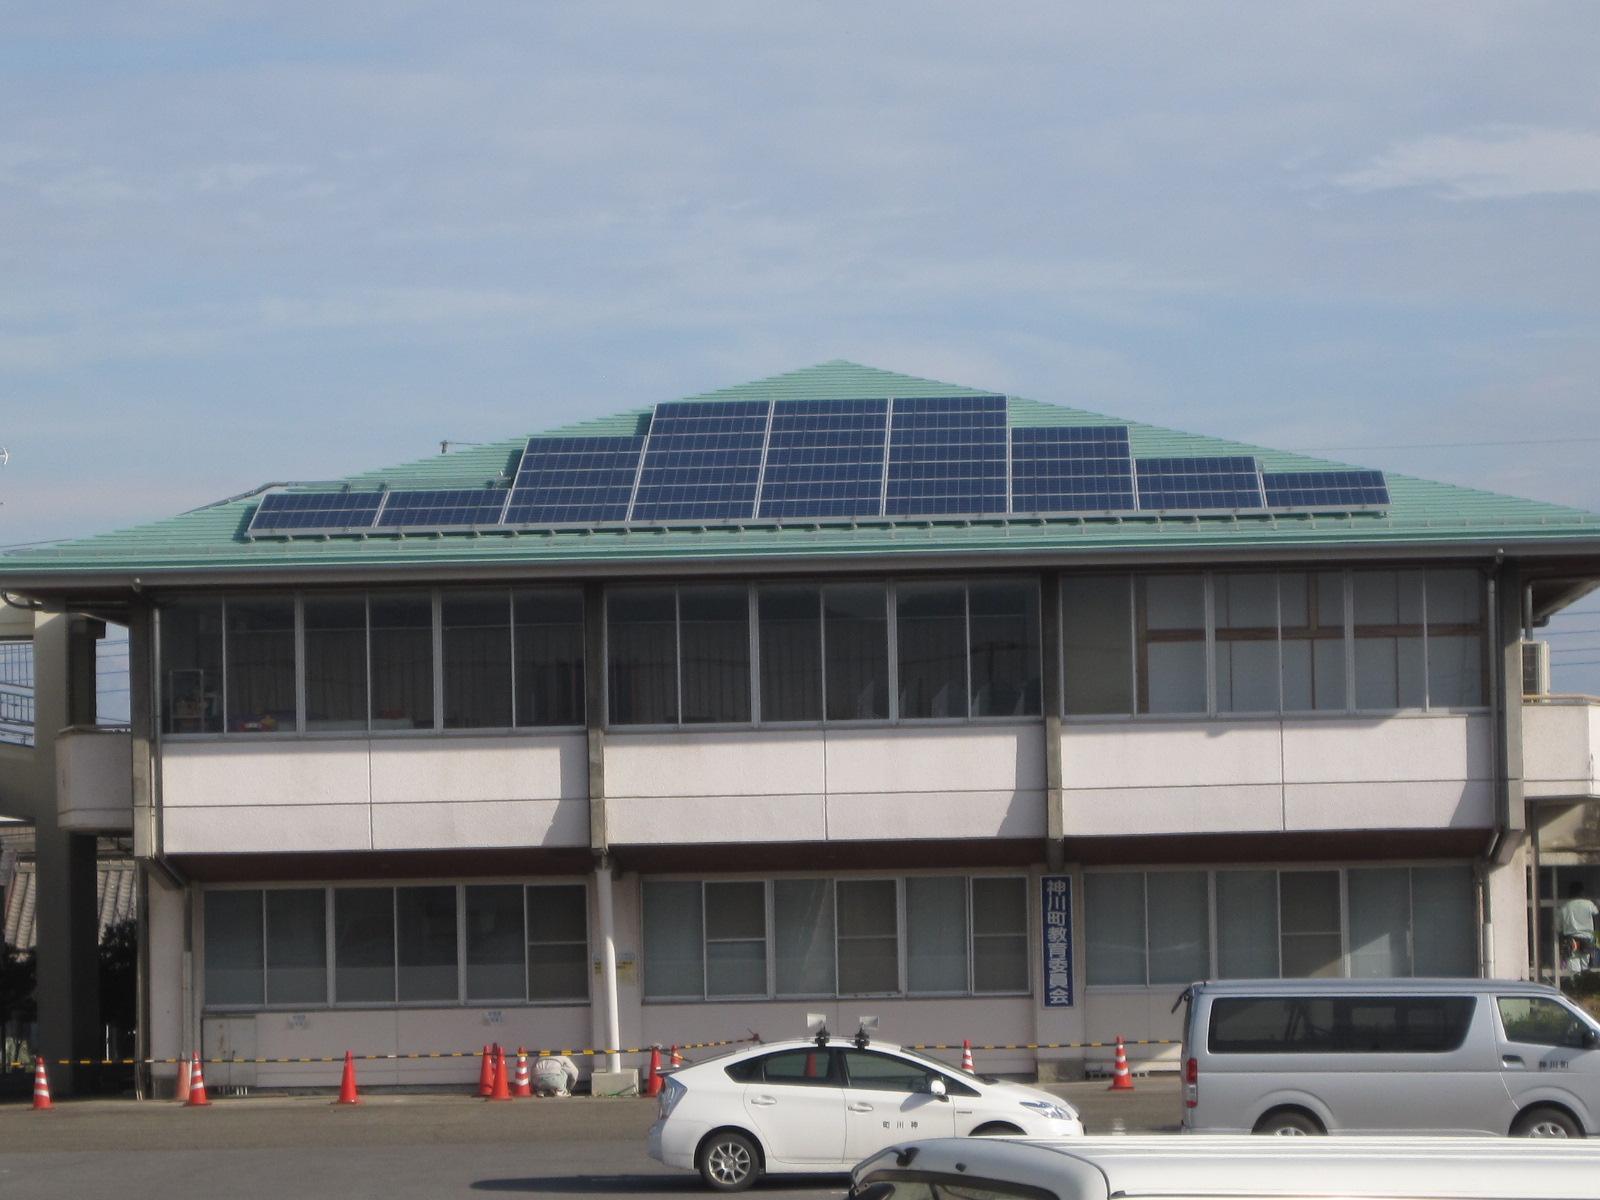 神川町就業改善センター耐震補強及び太陽光設備設置工事